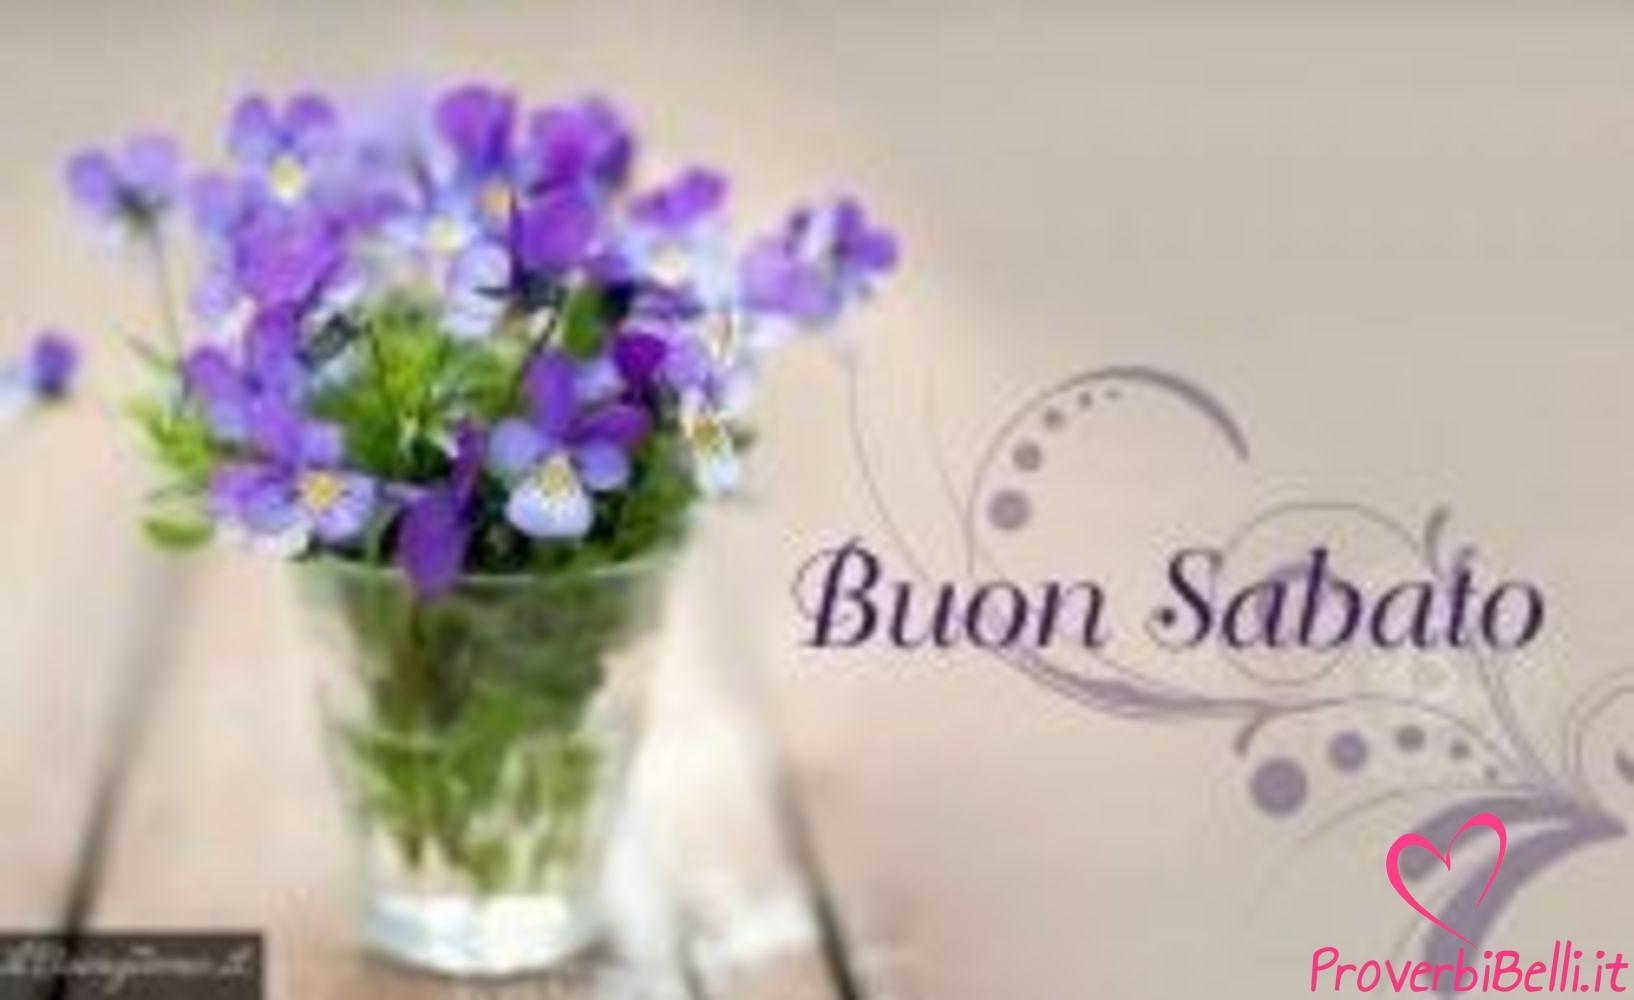 Belle-Immagini-Buongiorno-Sabato-Facebook-Whatsapp-259